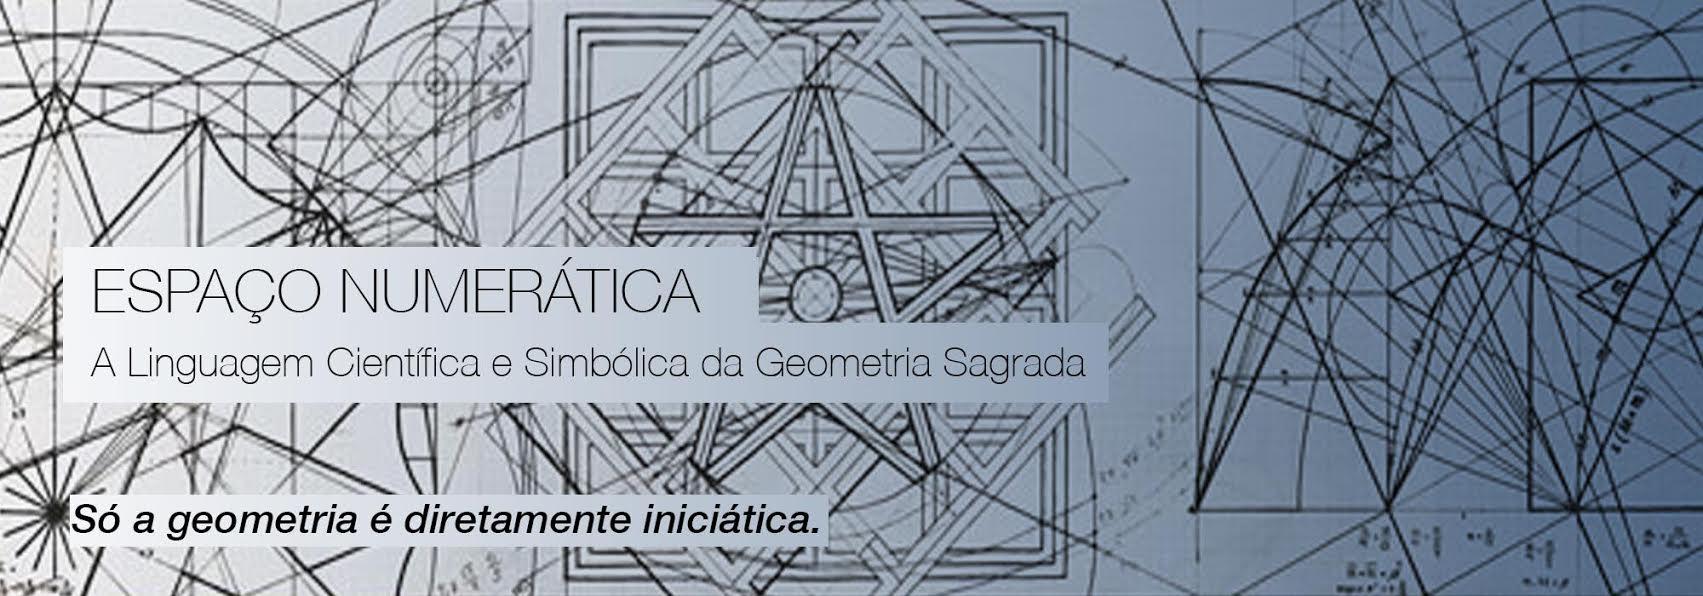 Espaco_numeratica